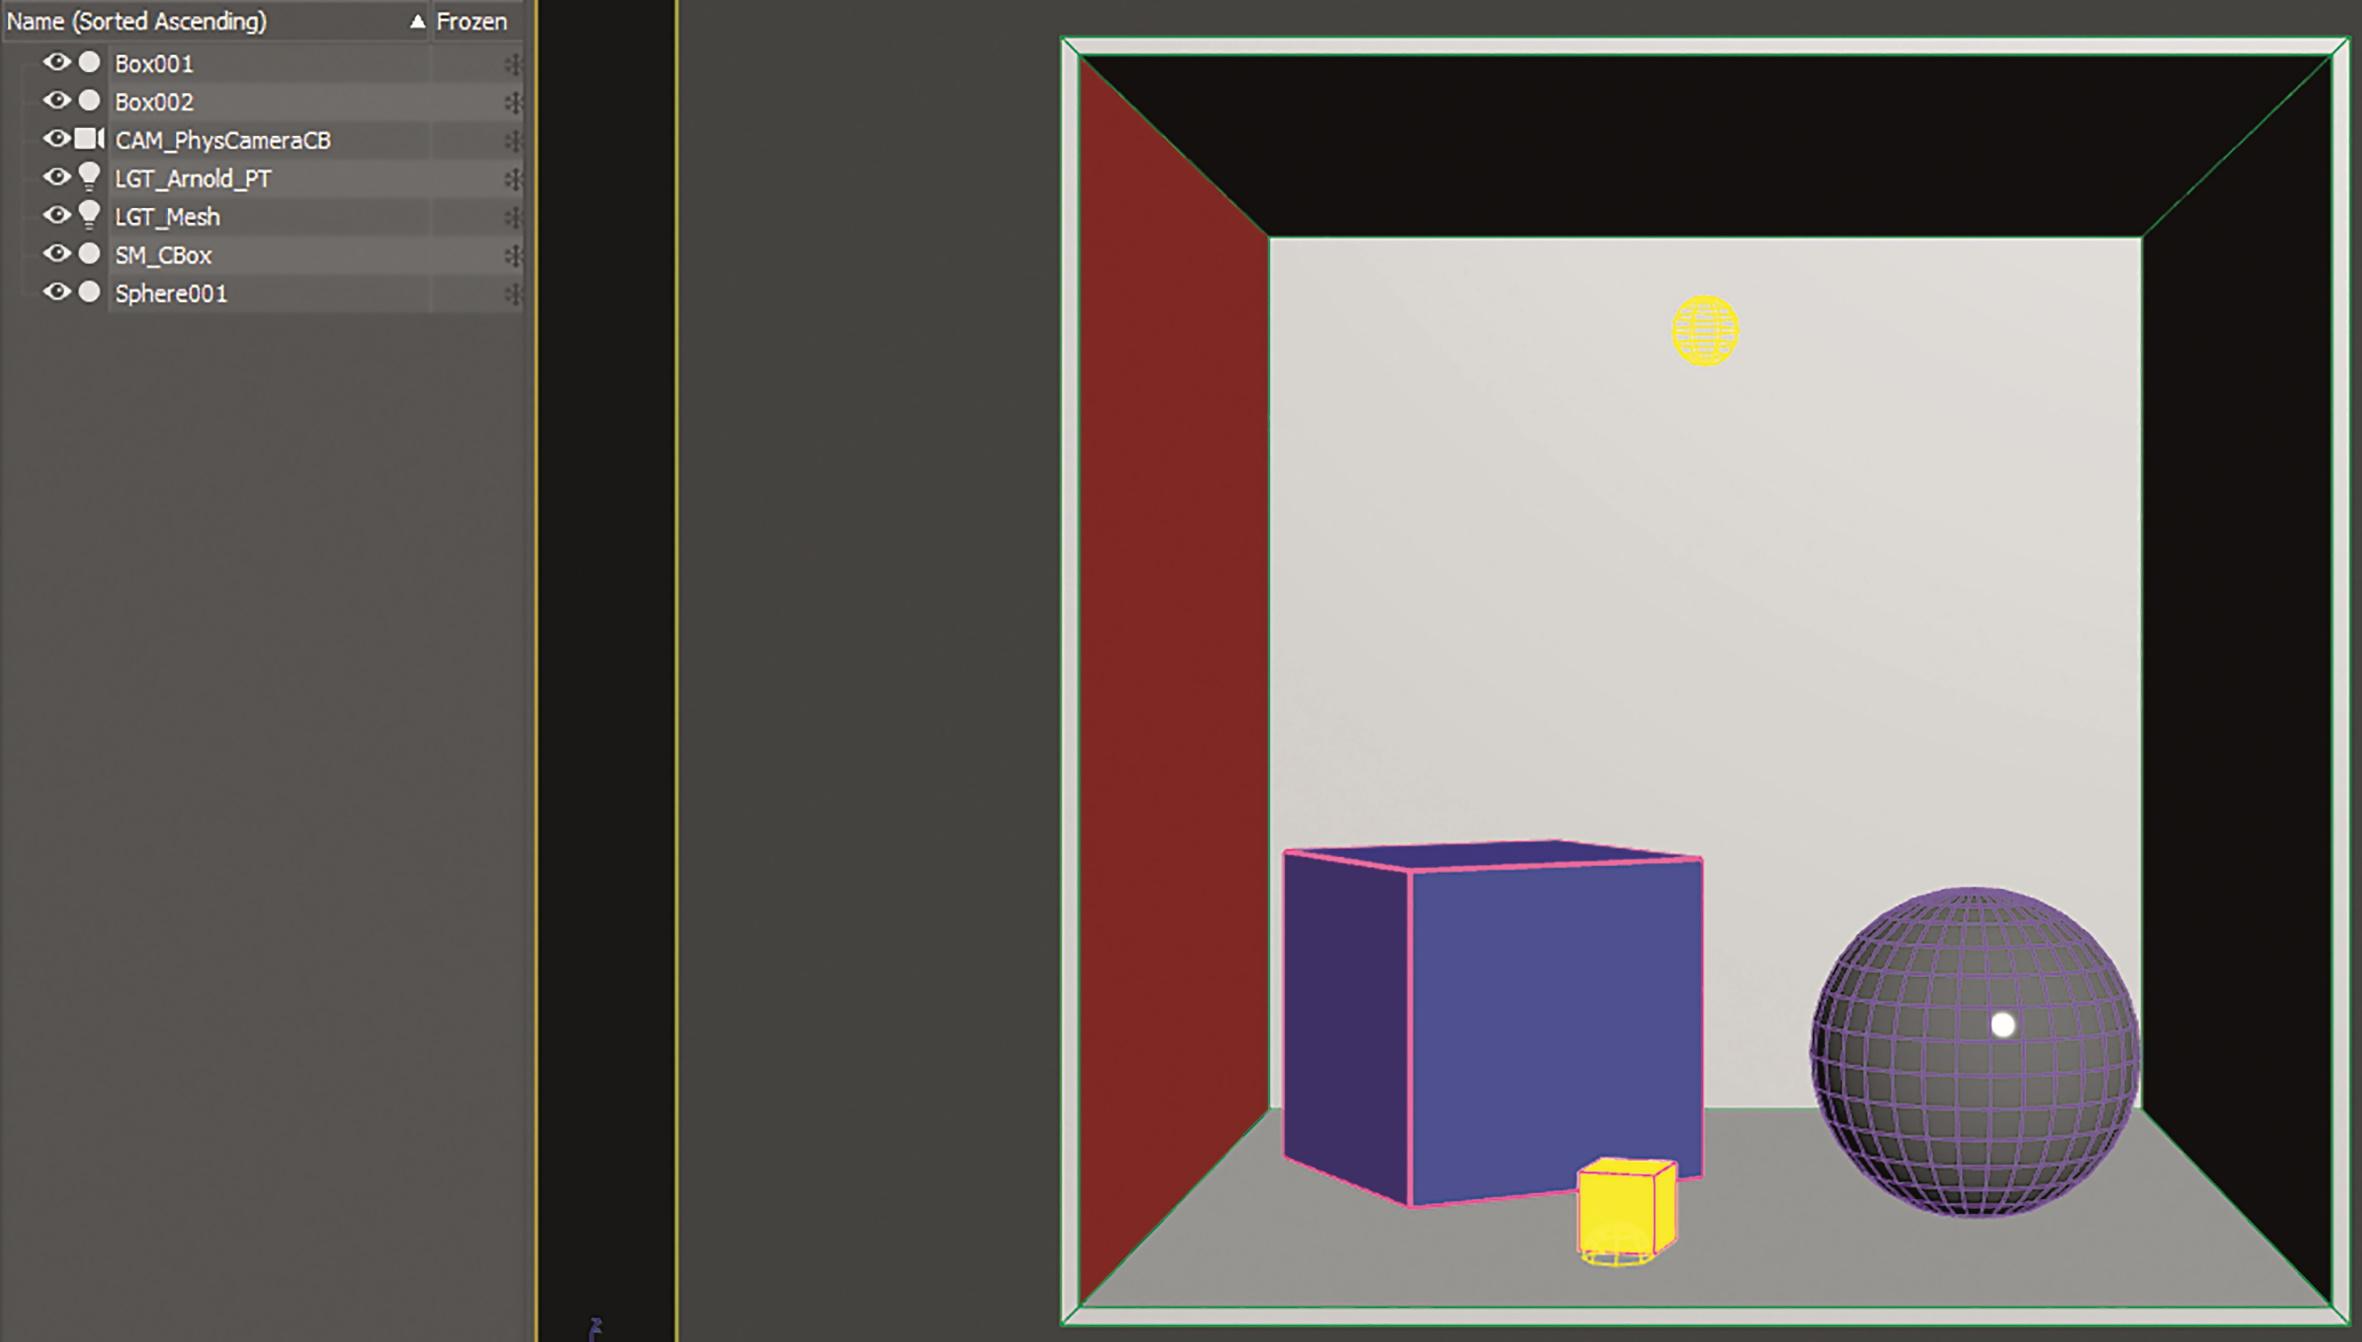 Ein wichtiger Bestandteil der Szene ist eine Kamera mit physikalischen Eigenschaften. Exposure-Werte können festgelegt und Überbelichtung in der Engine minimiert werden.